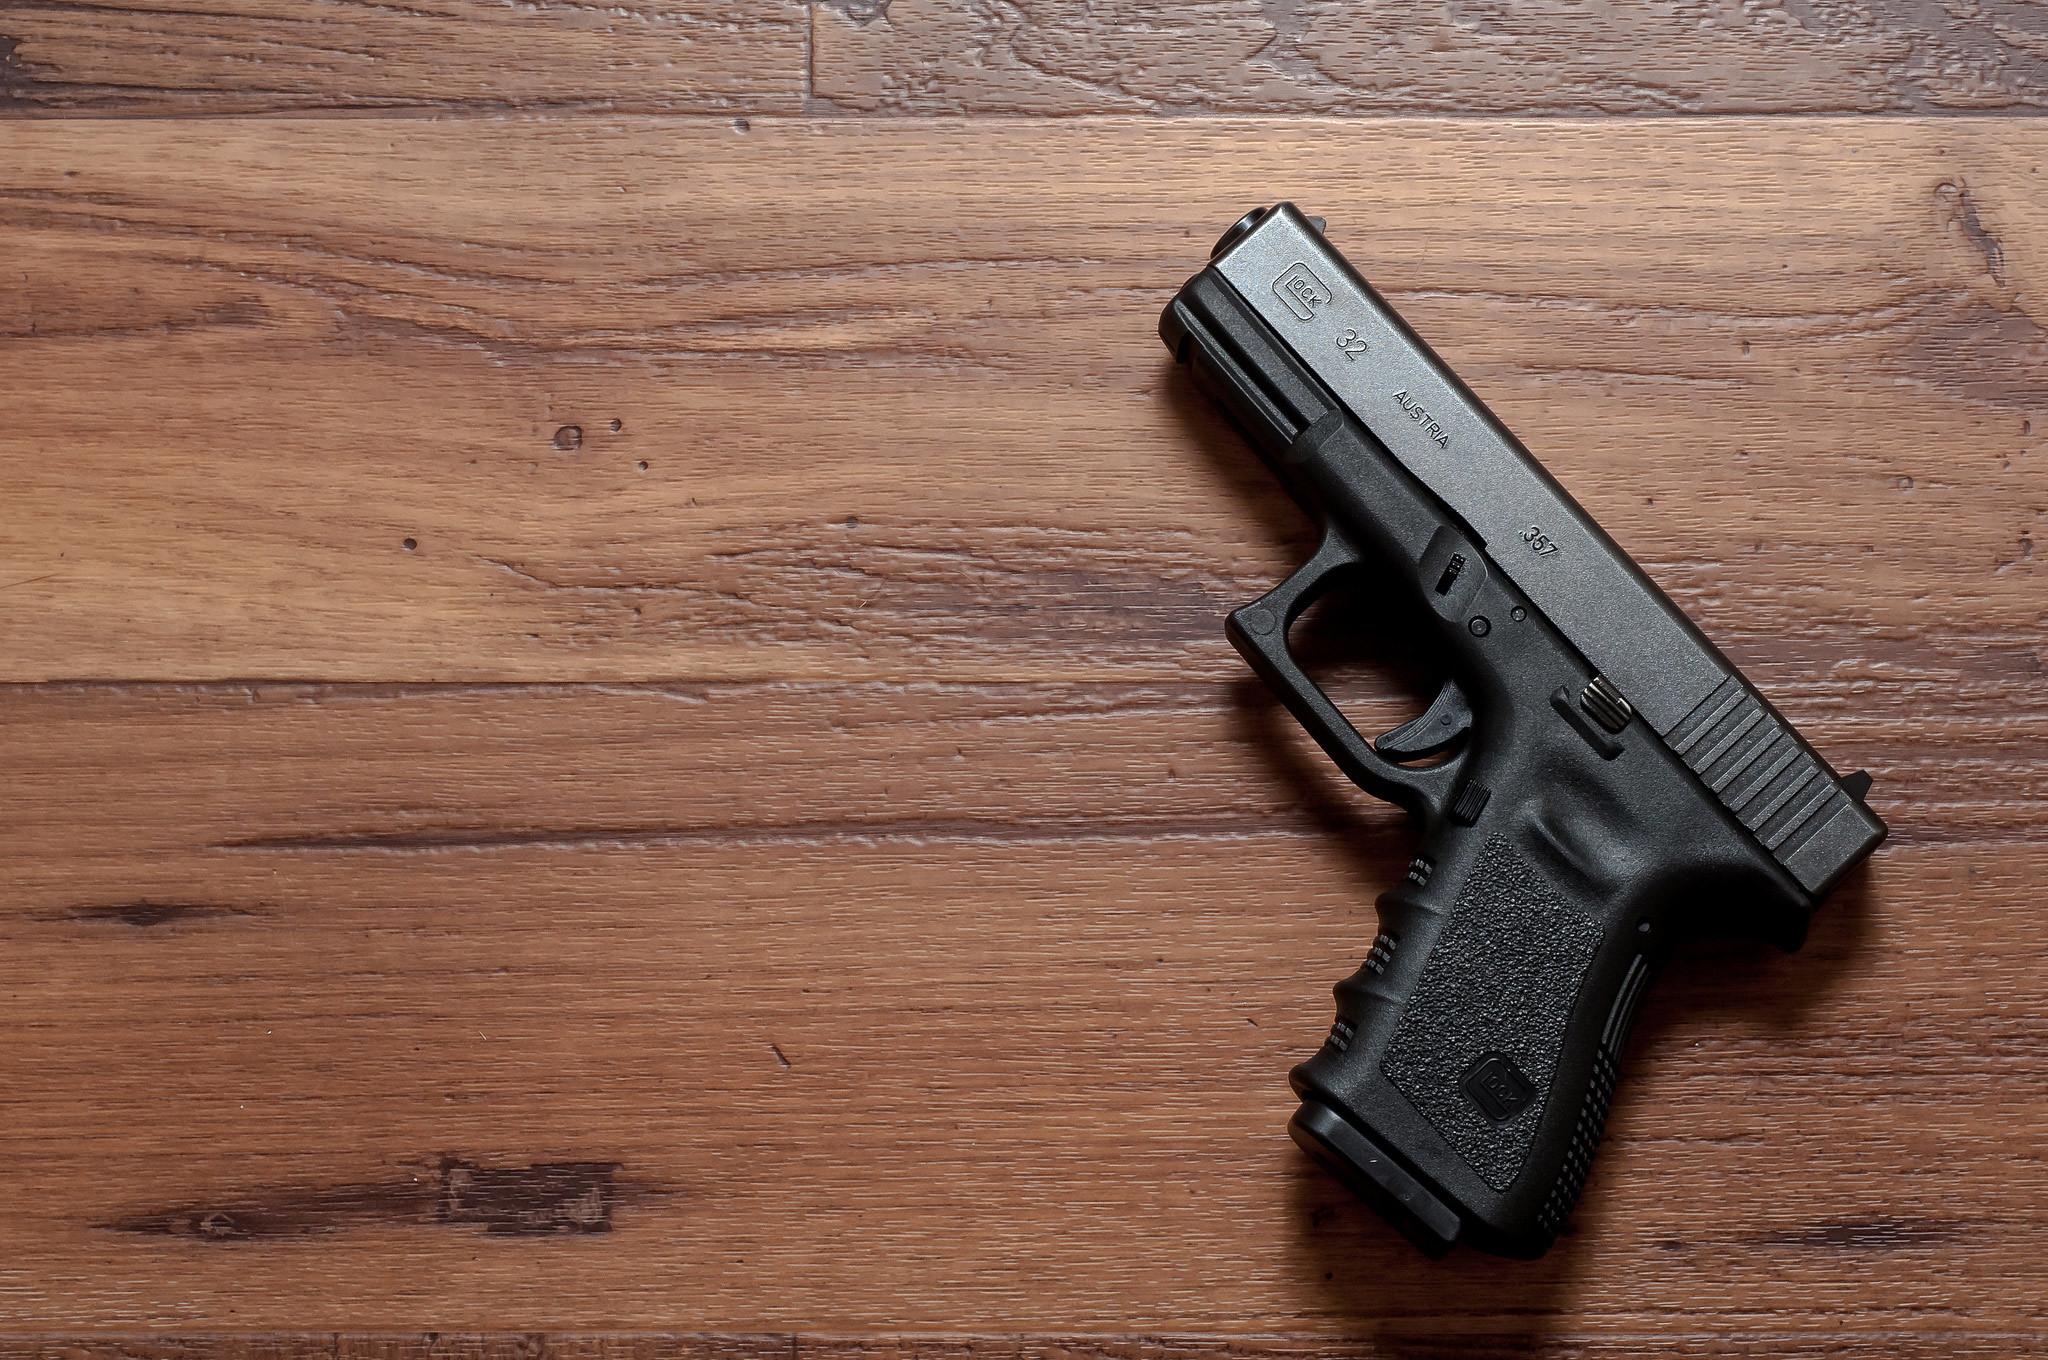 Gun Wallpaper Android Download: Glock Screensavers And Wallpaper